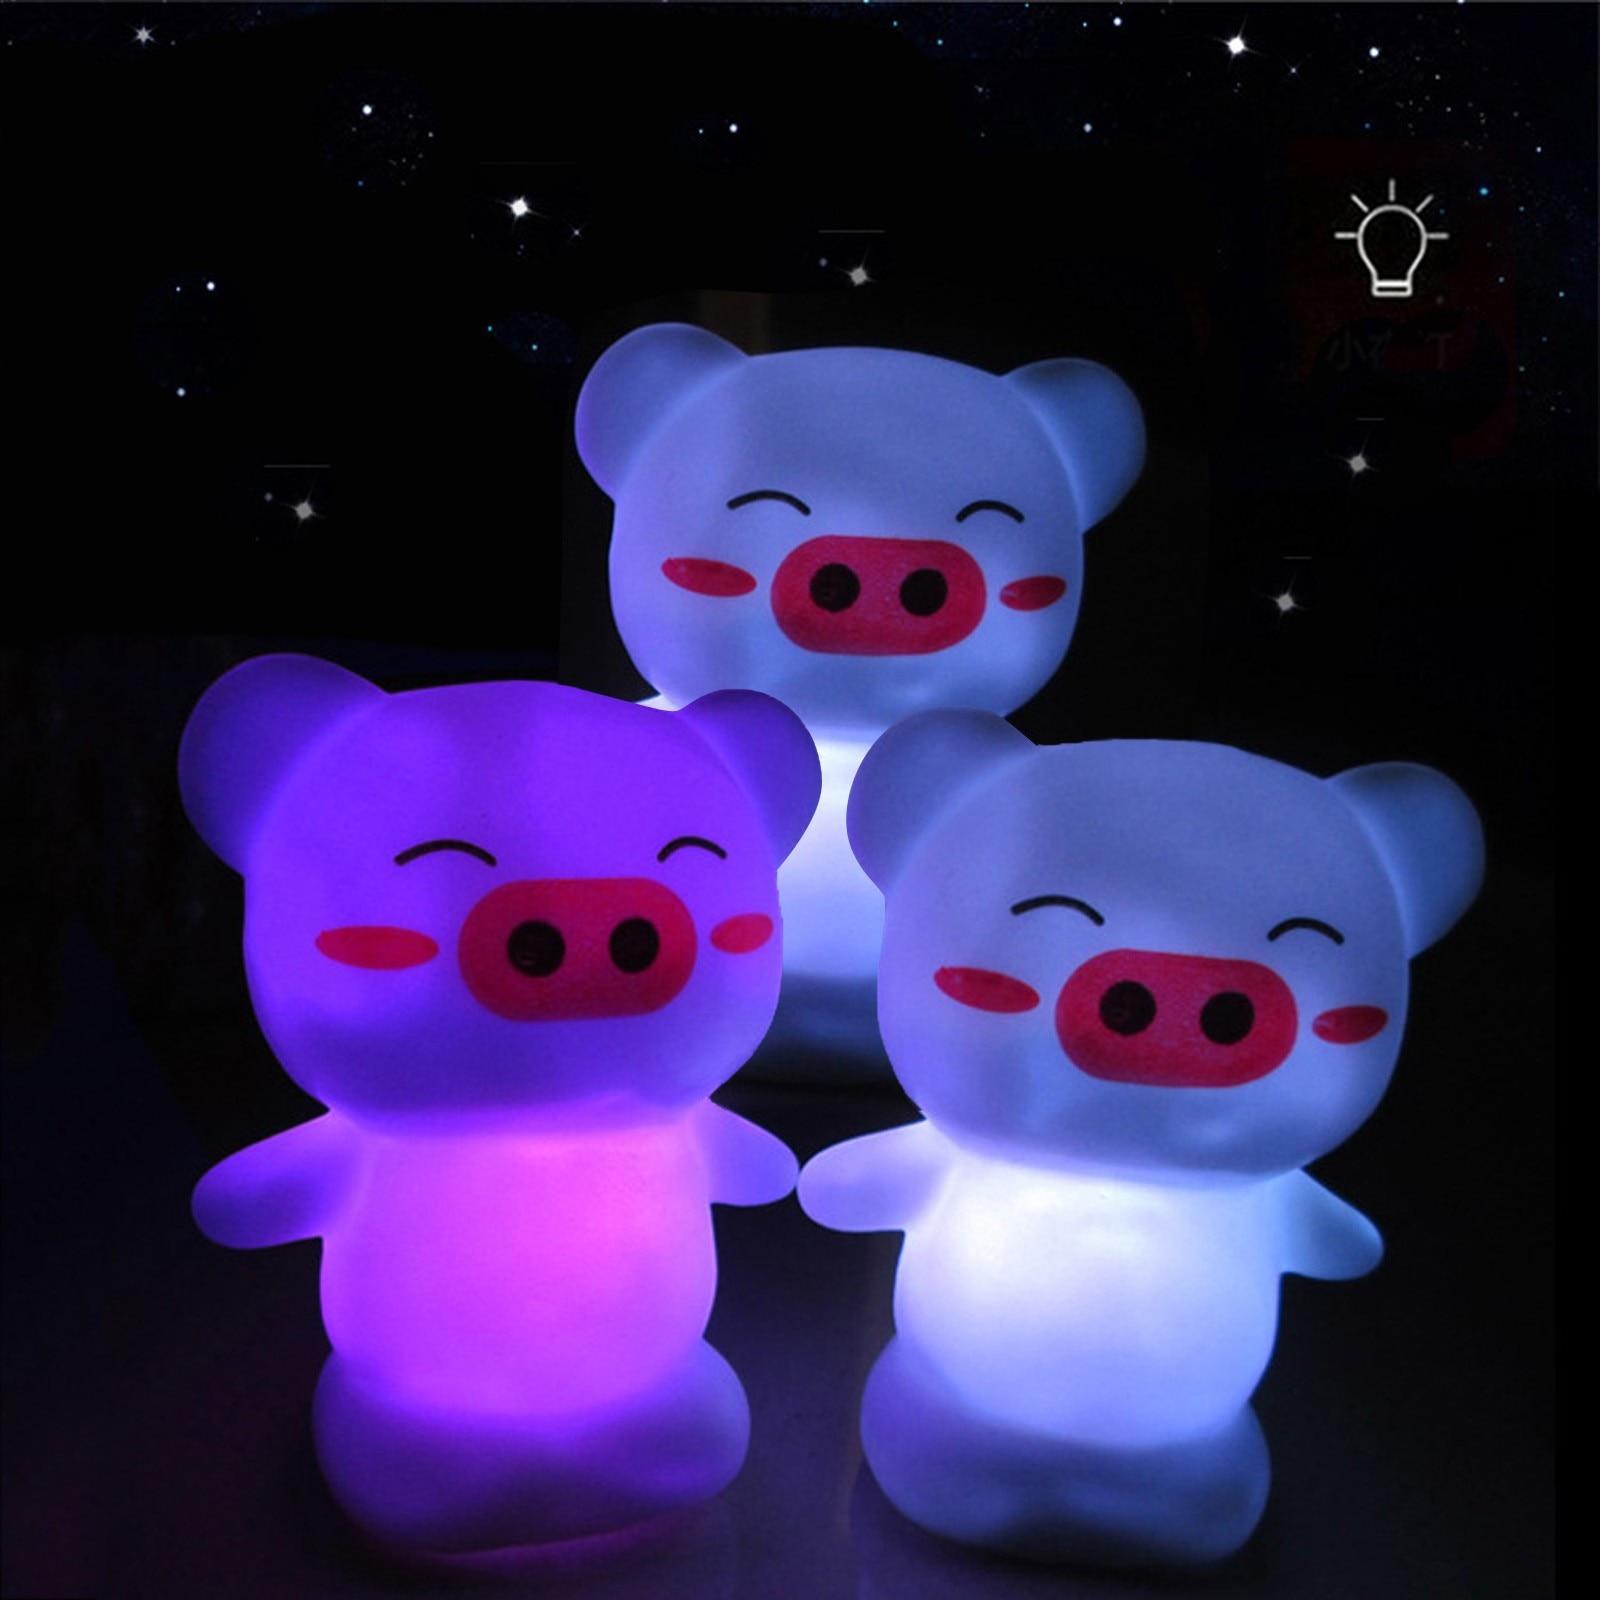 Lámpara LED De Noche con decoloración creativa, Para dormitorio, Mesita De Noche